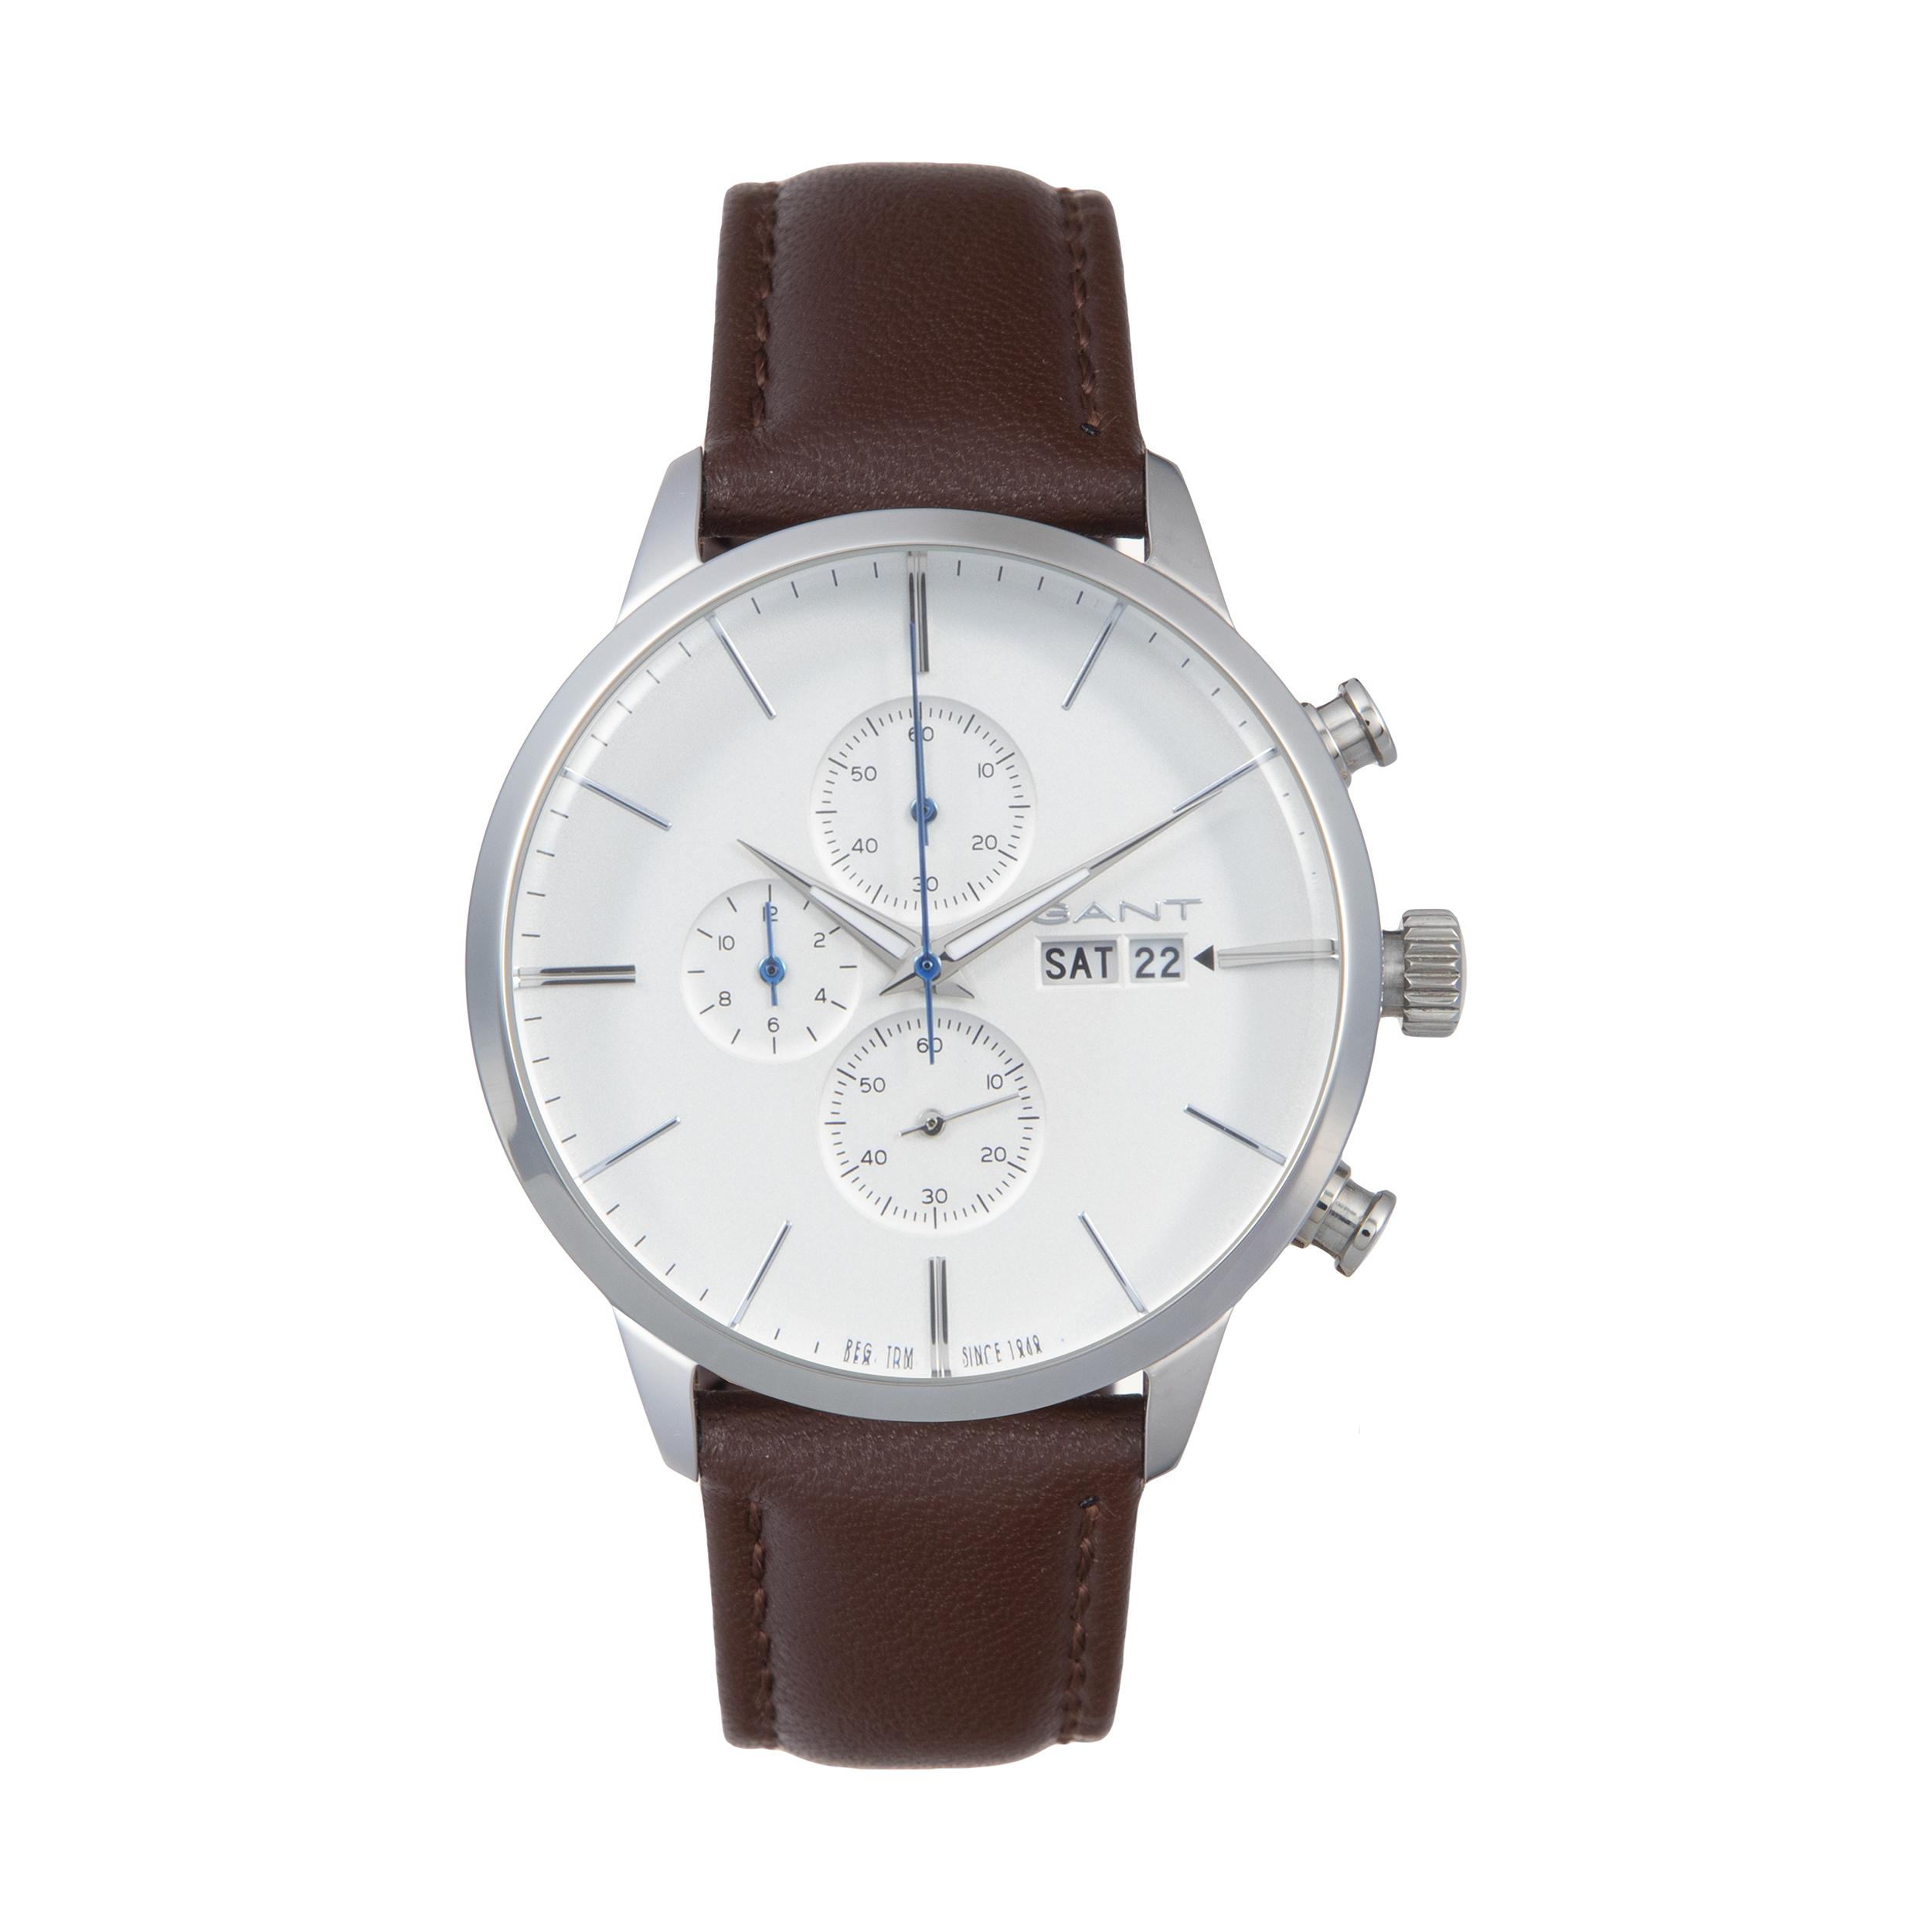 ساعت مچی عقربه ای مردانه گنت مدل GWW063003 -  - 2